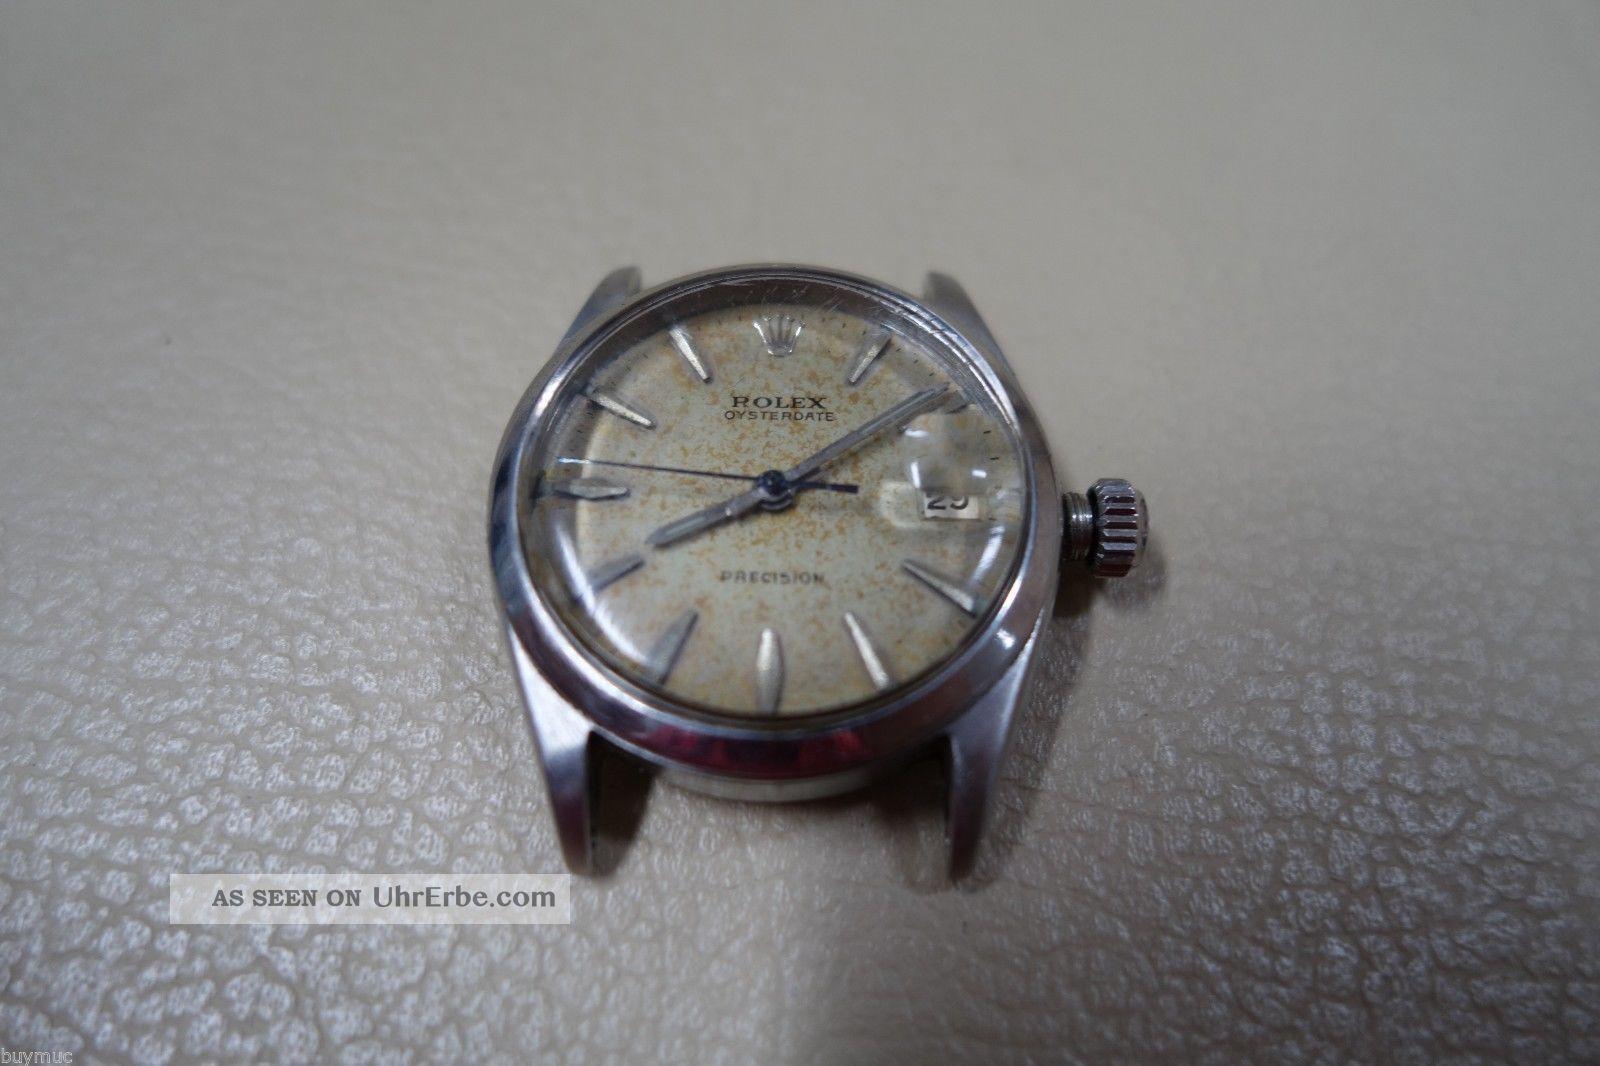 Alte Gebrauchte Defekte Rolex Oysterdate Precision Stahl Ref 6466 30mm Armbanduhren Bild